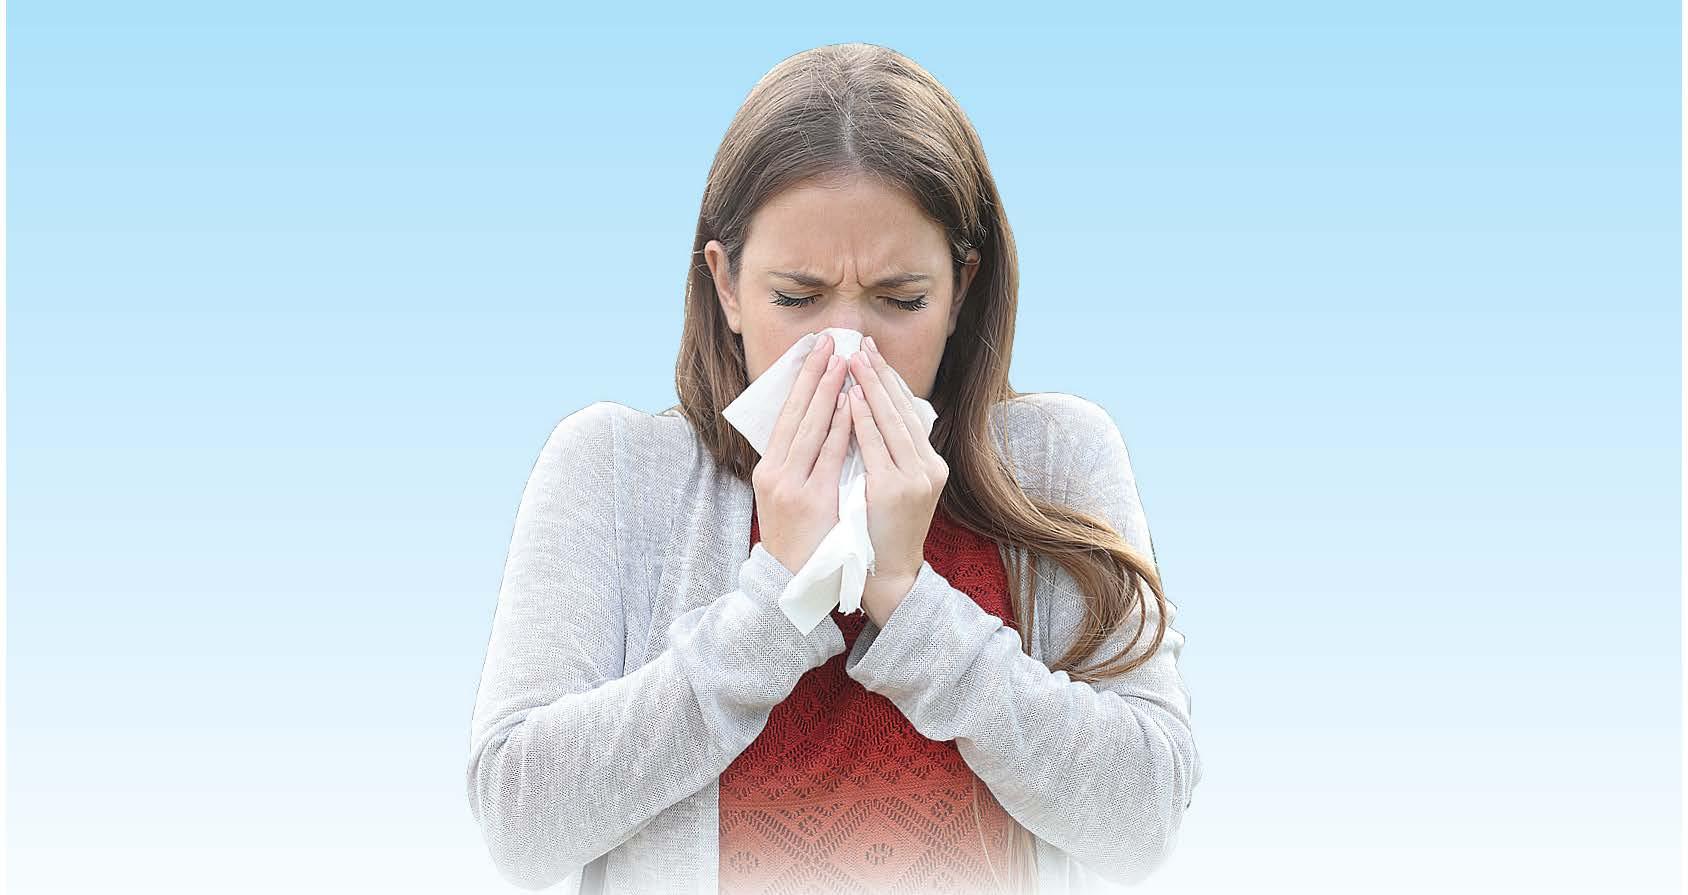 Gripe, COVID-19 y resfriado: ¿cómo se diferencian?